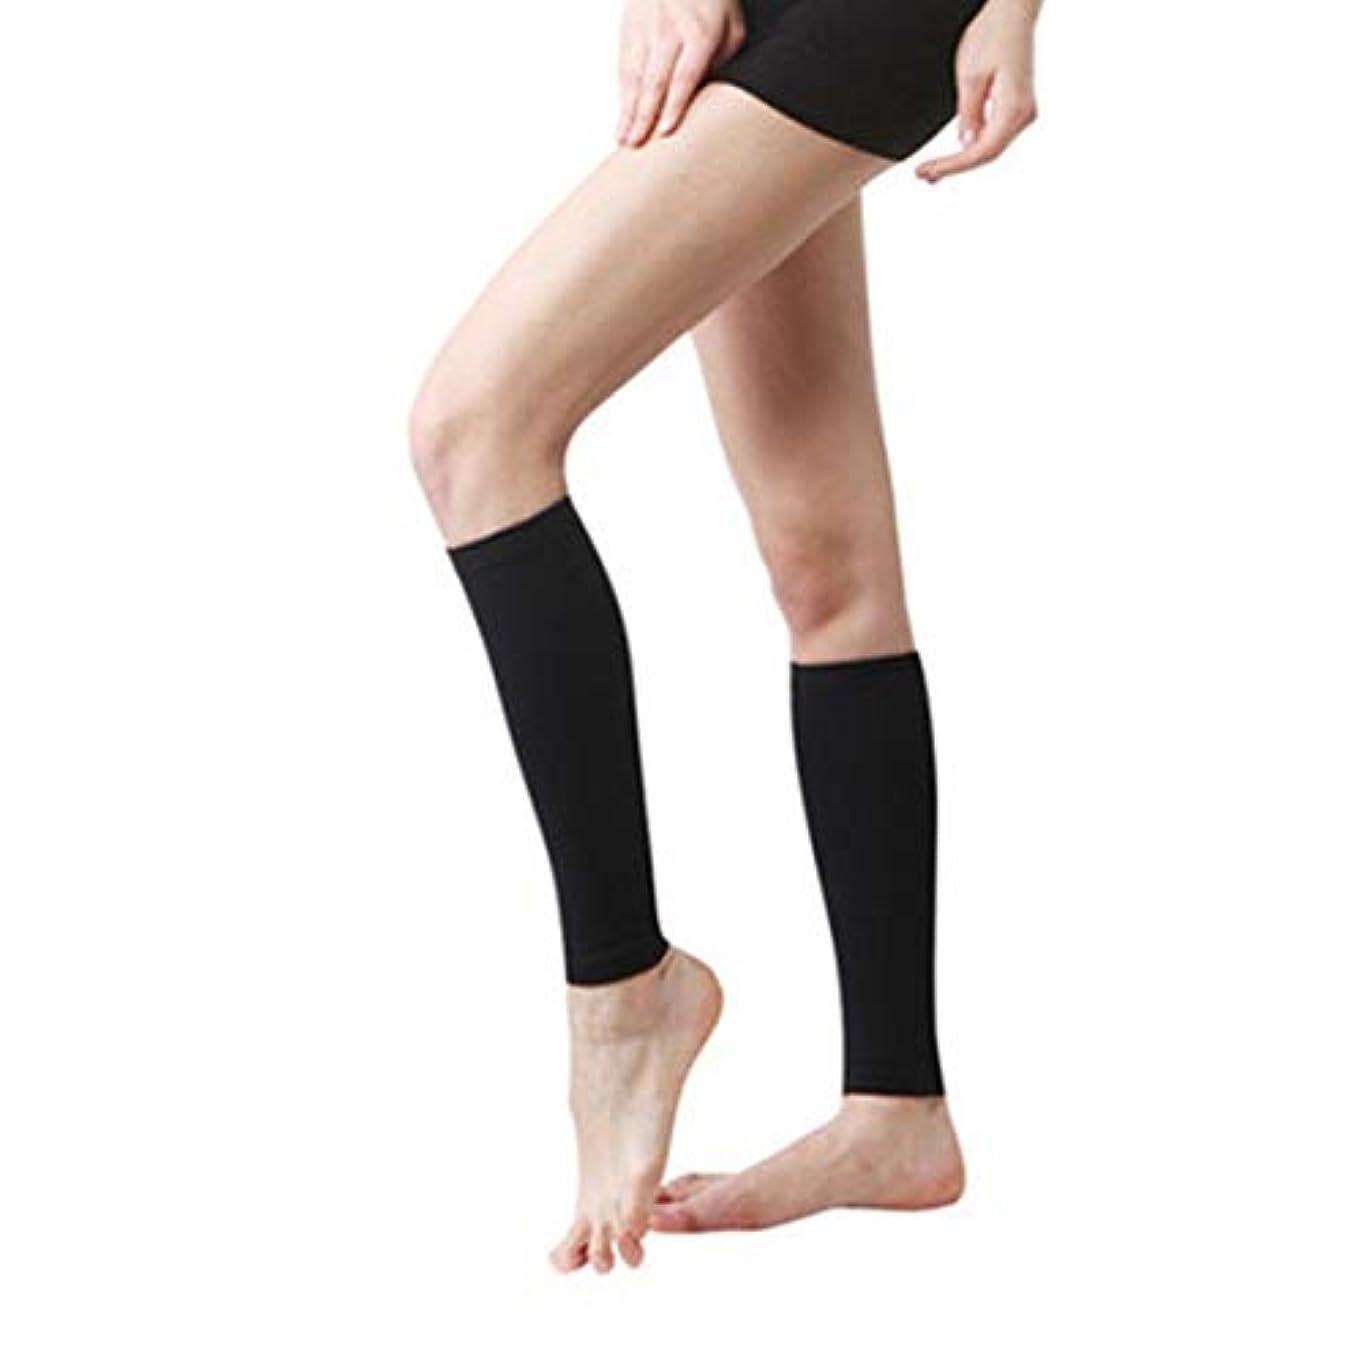 塗抹近似残る丈夫な男性女性プロの圧縮靴下通気性のある旅行活動看護師用シンススプリントフライトトラベル - ブラック